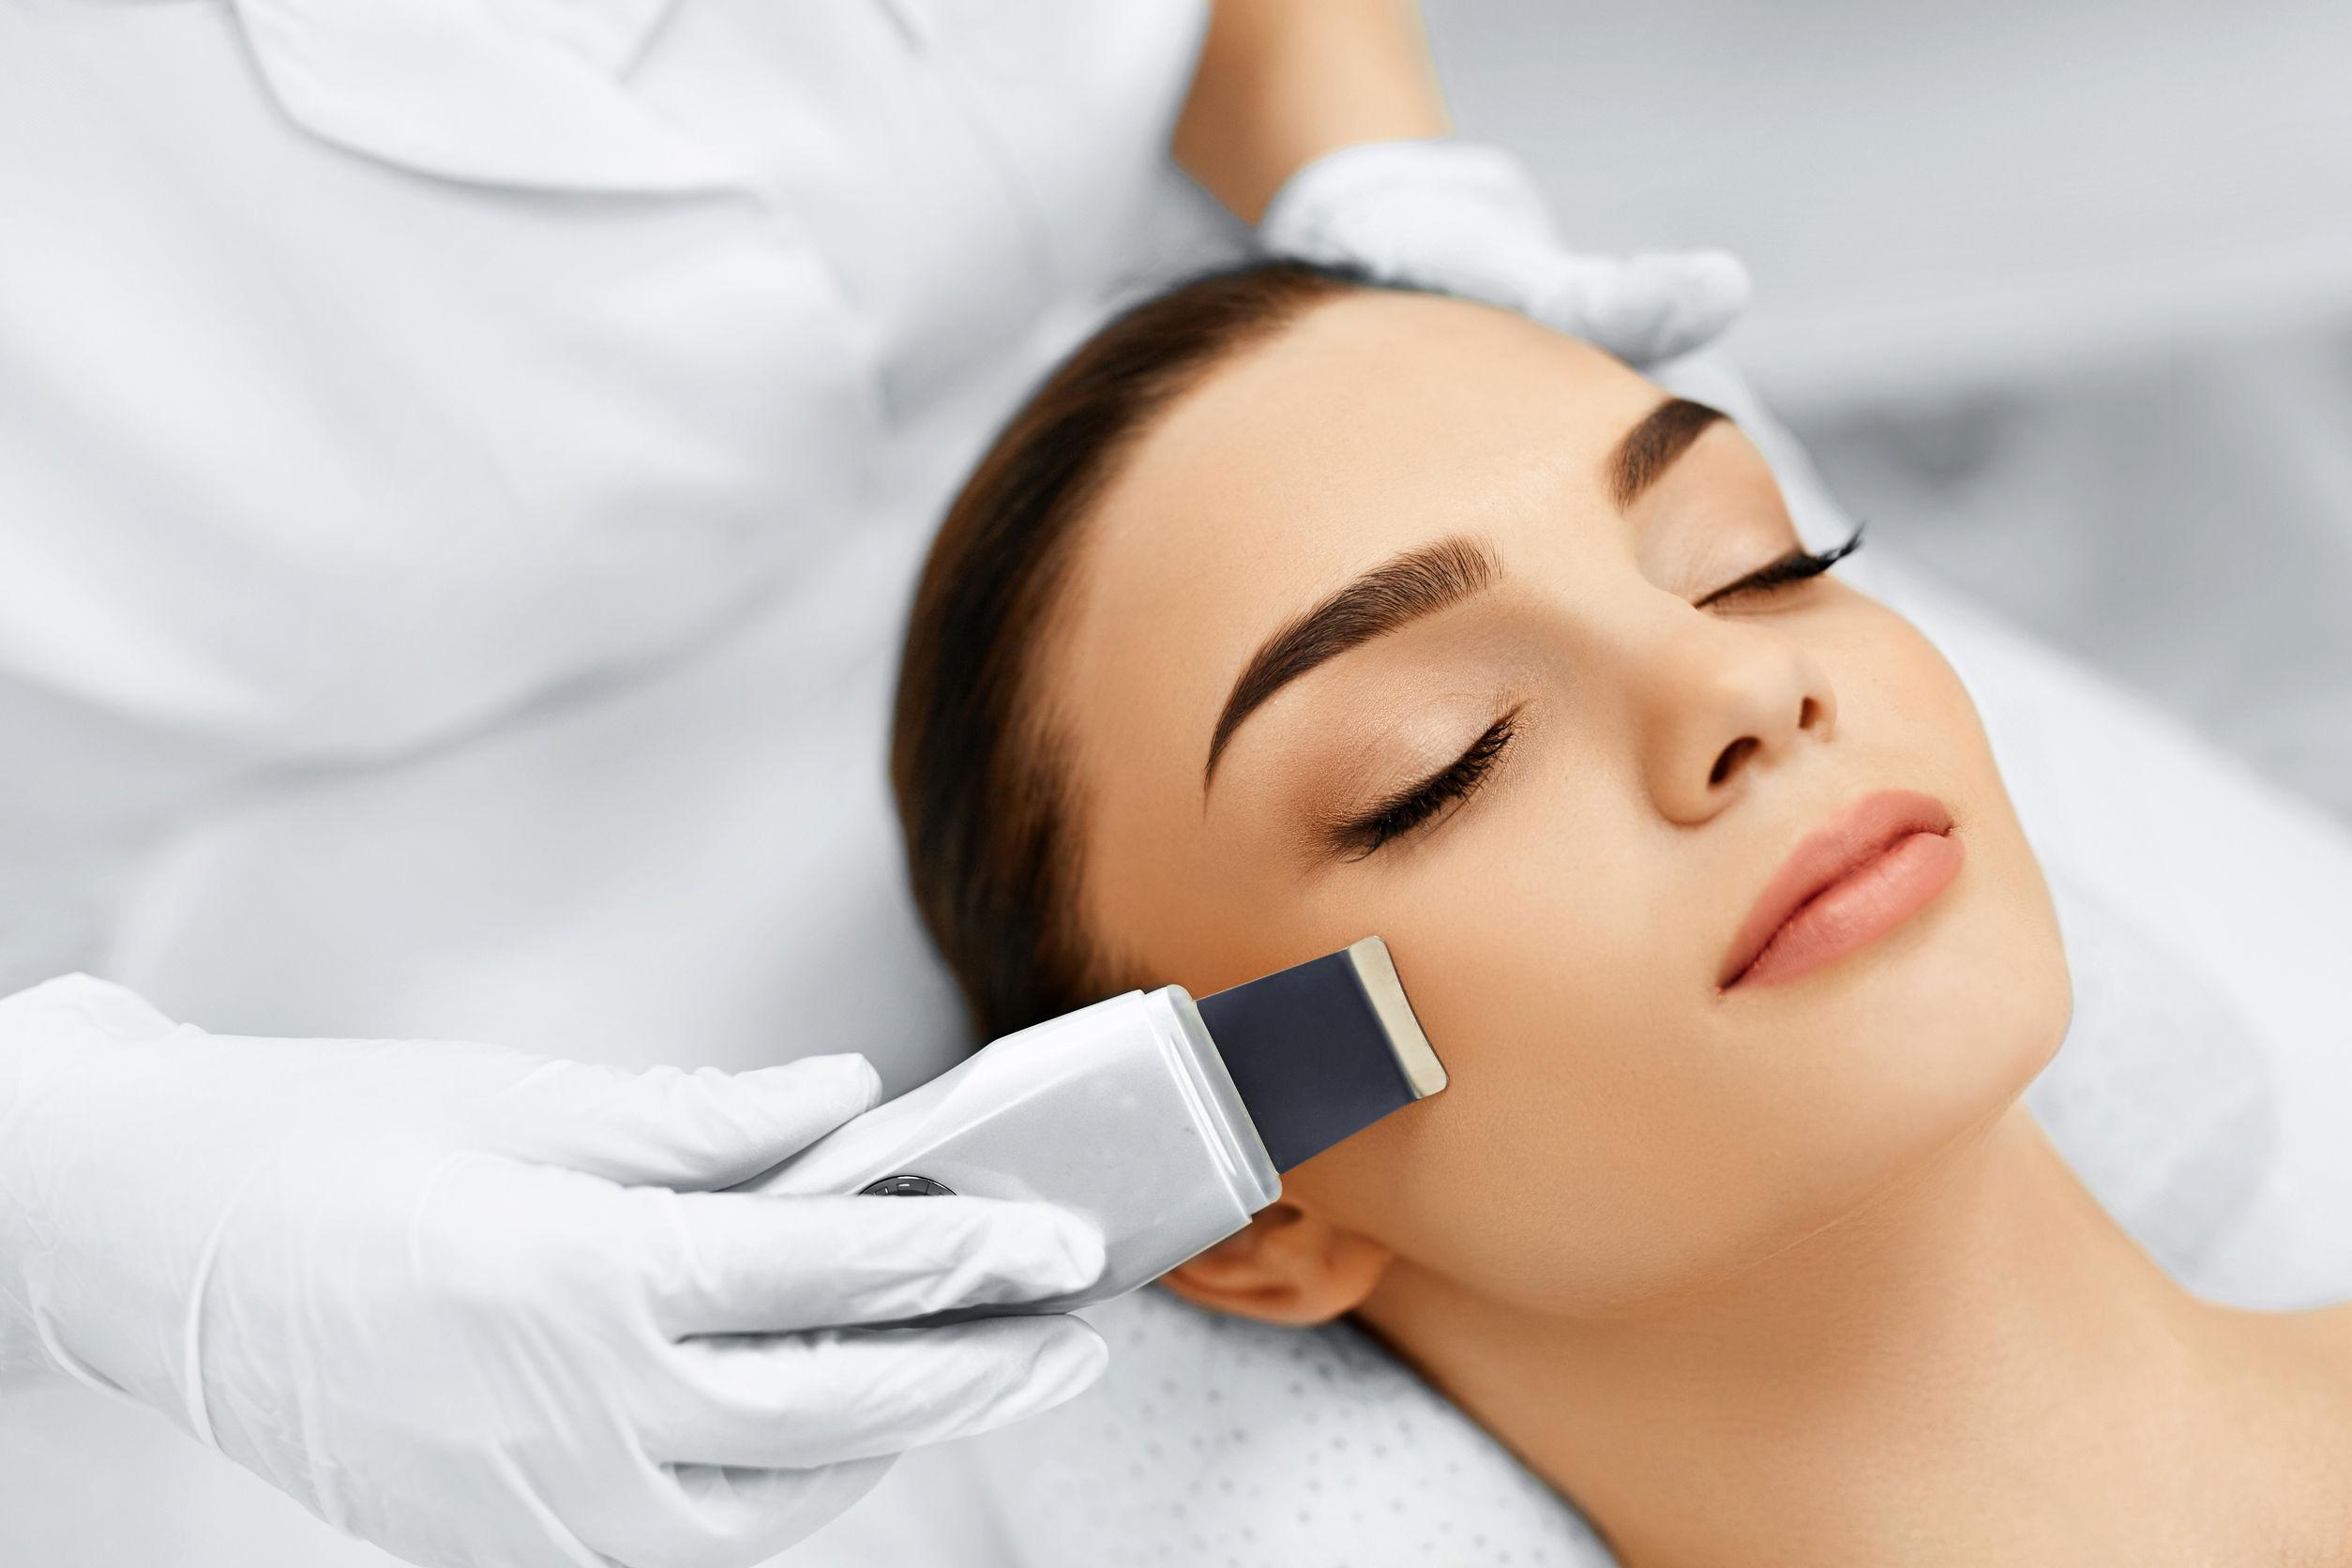 Что такое ультразвуковой аппарат для чистки лица?